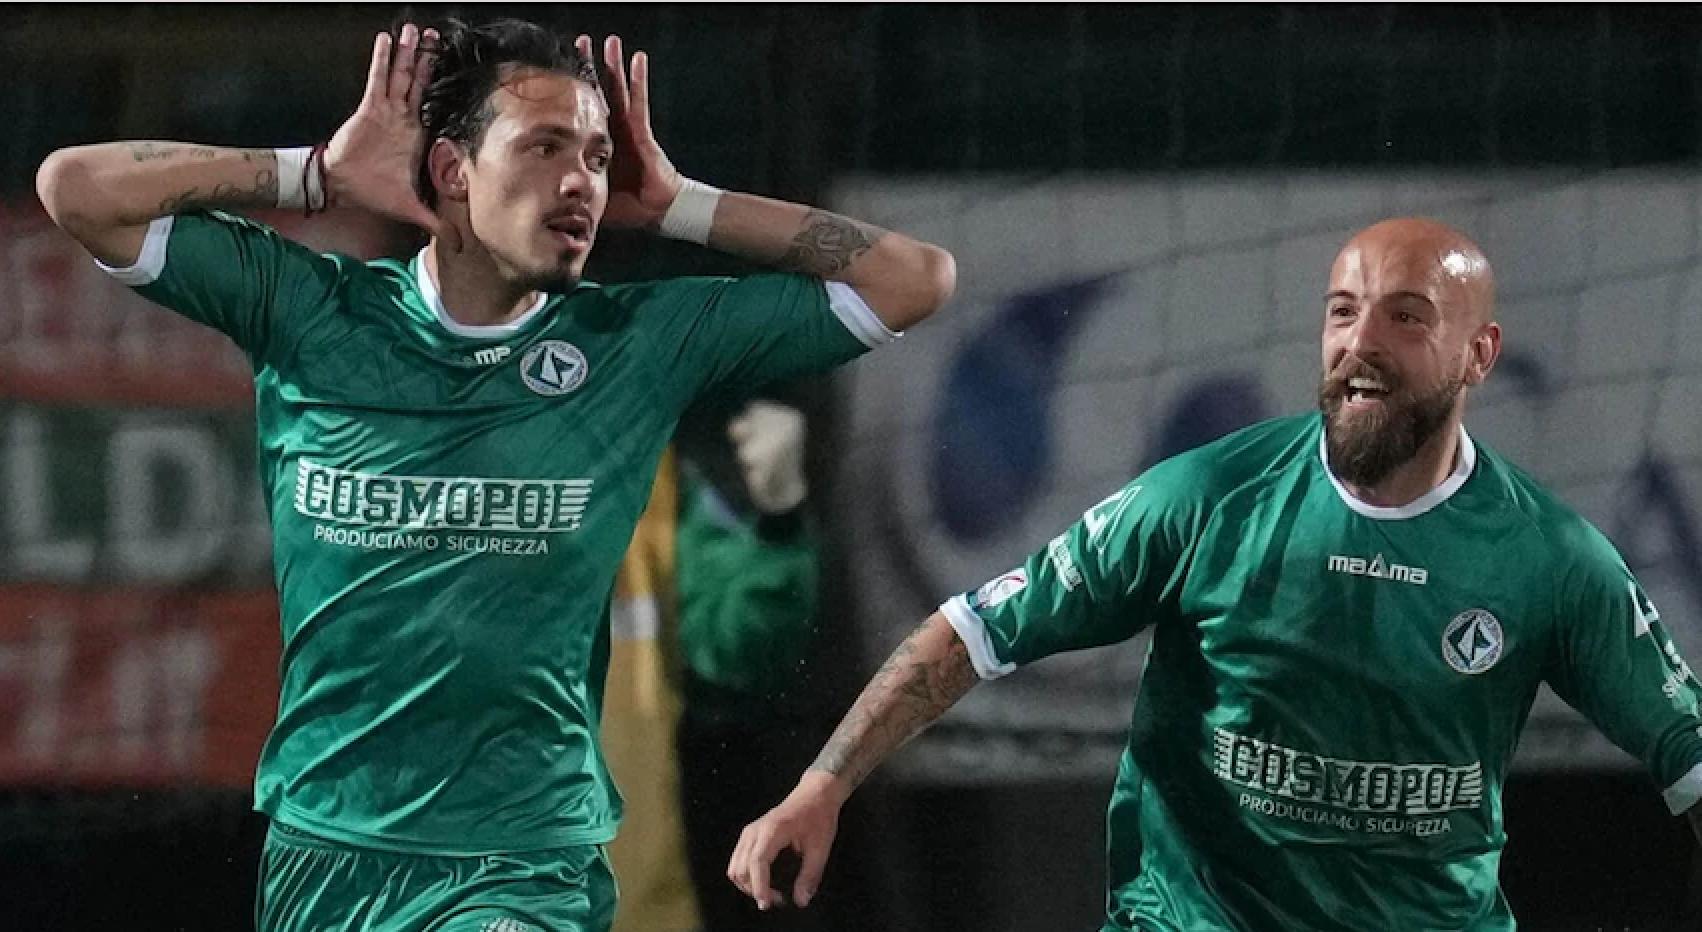 Si ferma ad Avellino il cammino del Palermo, rosanero sconfitti fuori dai play off